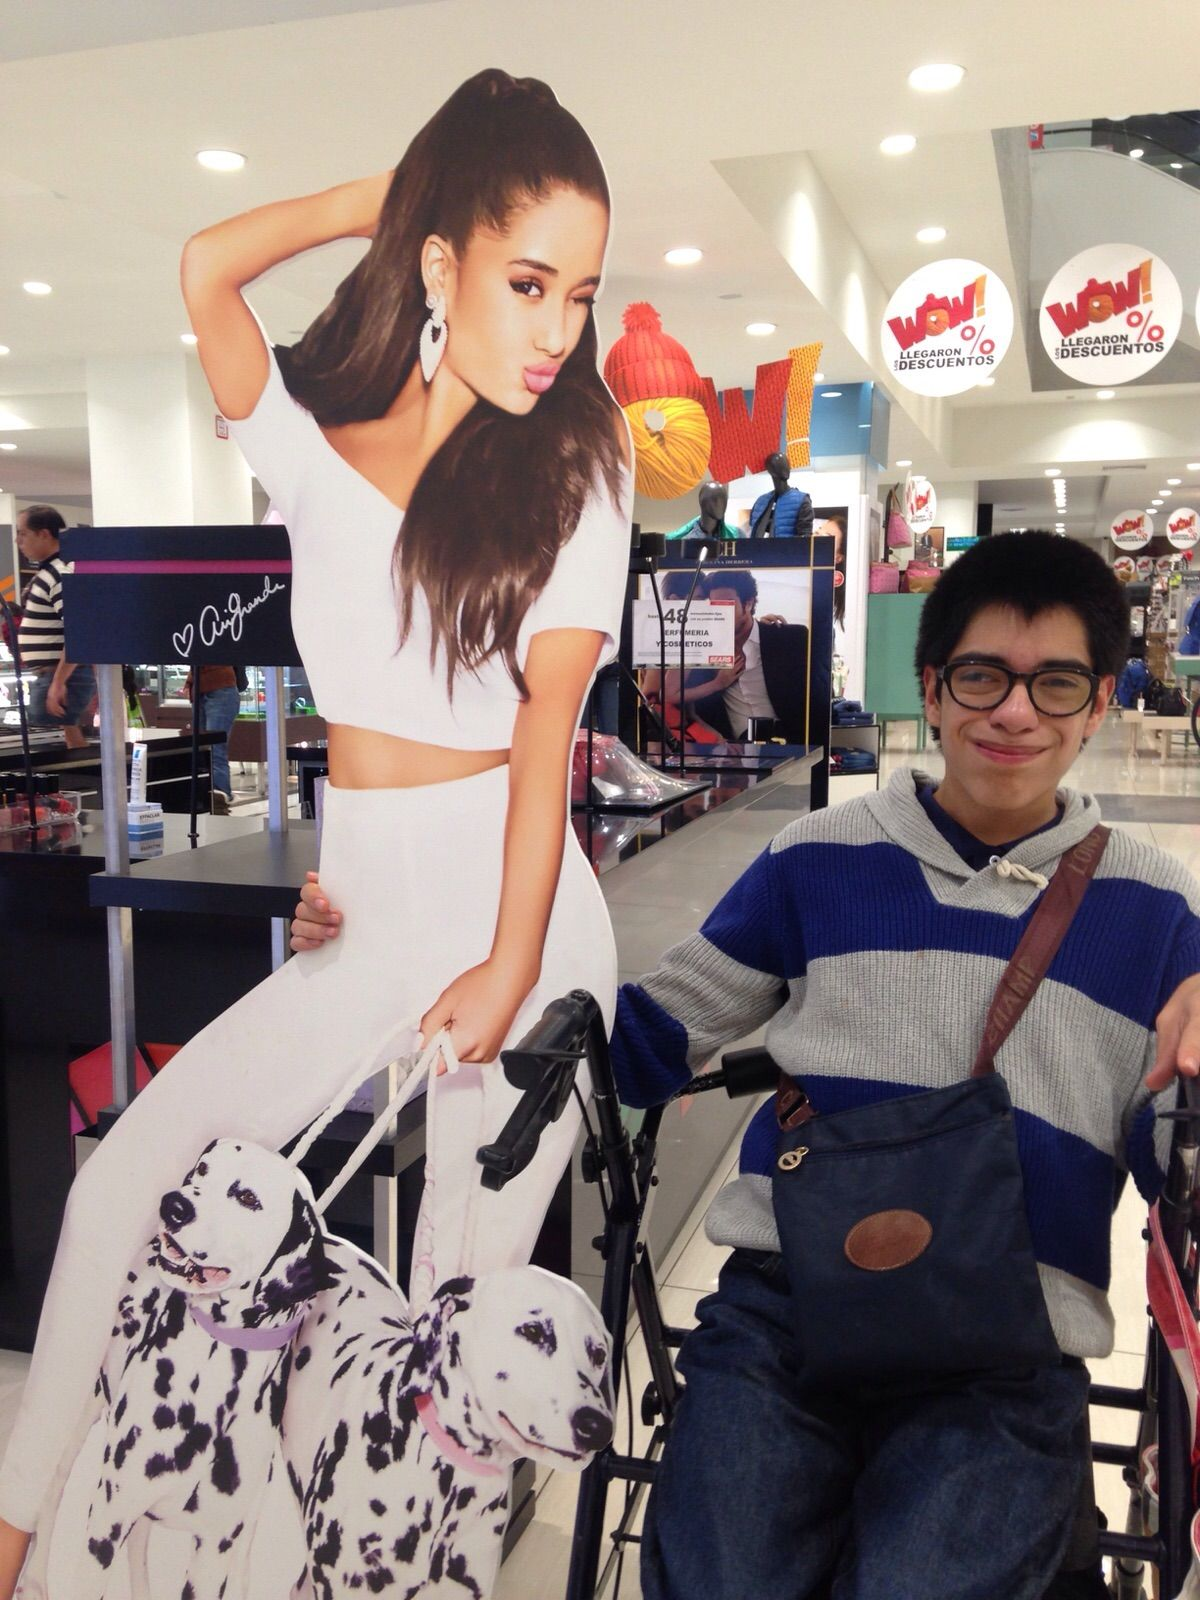 Con una de mis artistas favoritas Ariana Grande!!!